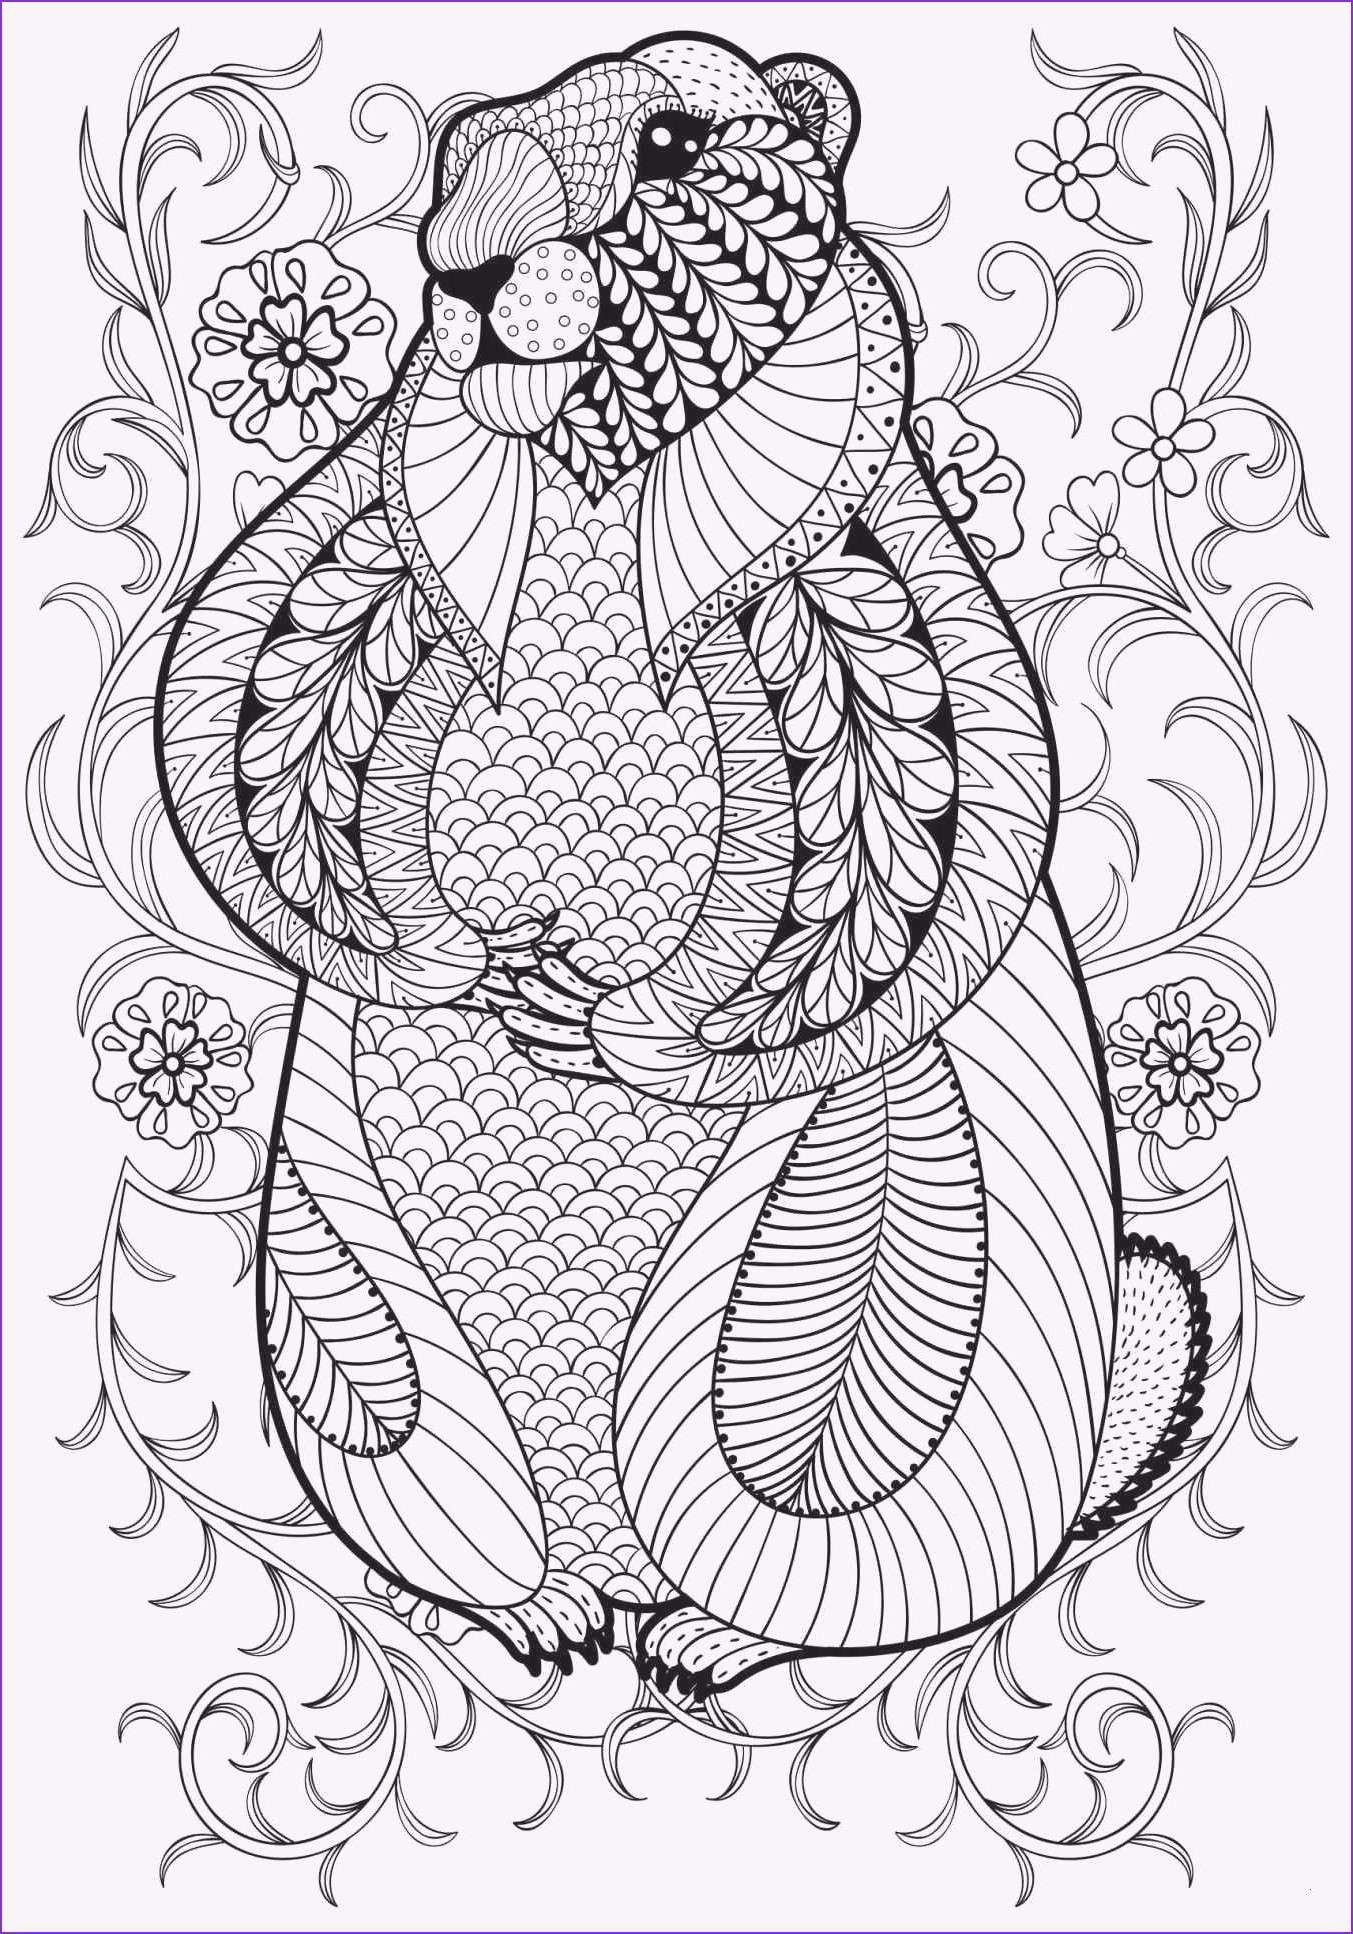 Neu Yakari Malvorlagen Zum Drucken Sketches Female